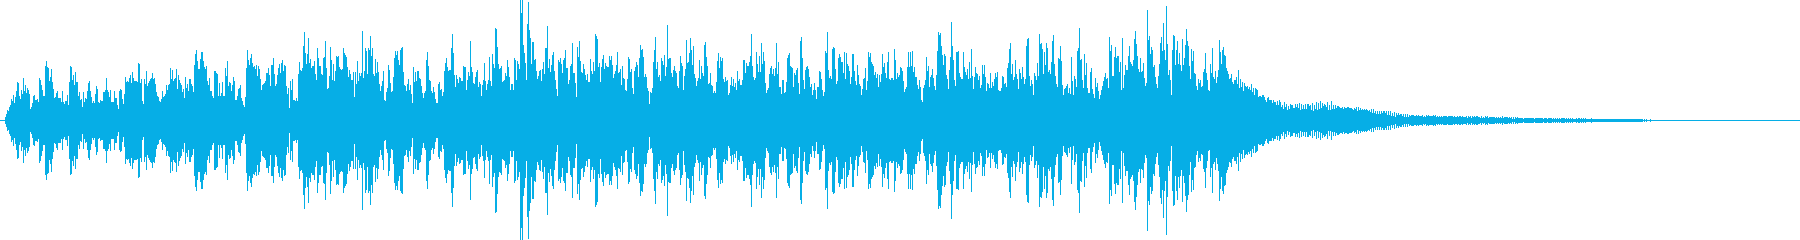 ティンパニ:ロングロール、ティンパ...の再生済みの波形